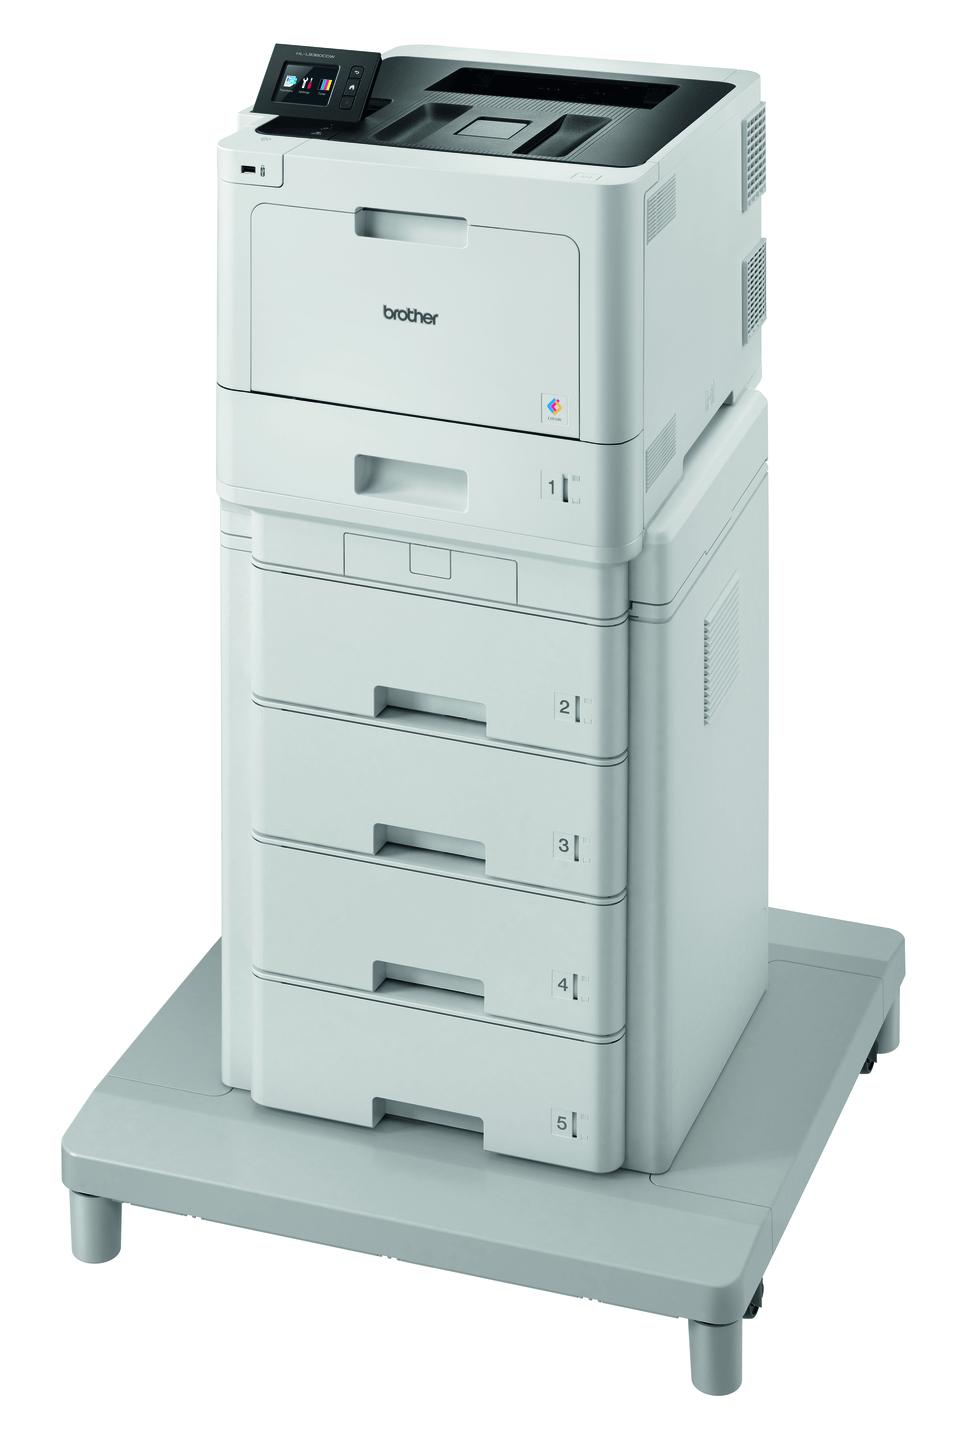 HL-L8360CDWMT - värilasertulostin paperitornilla ja liitäntäyksiköllä 2